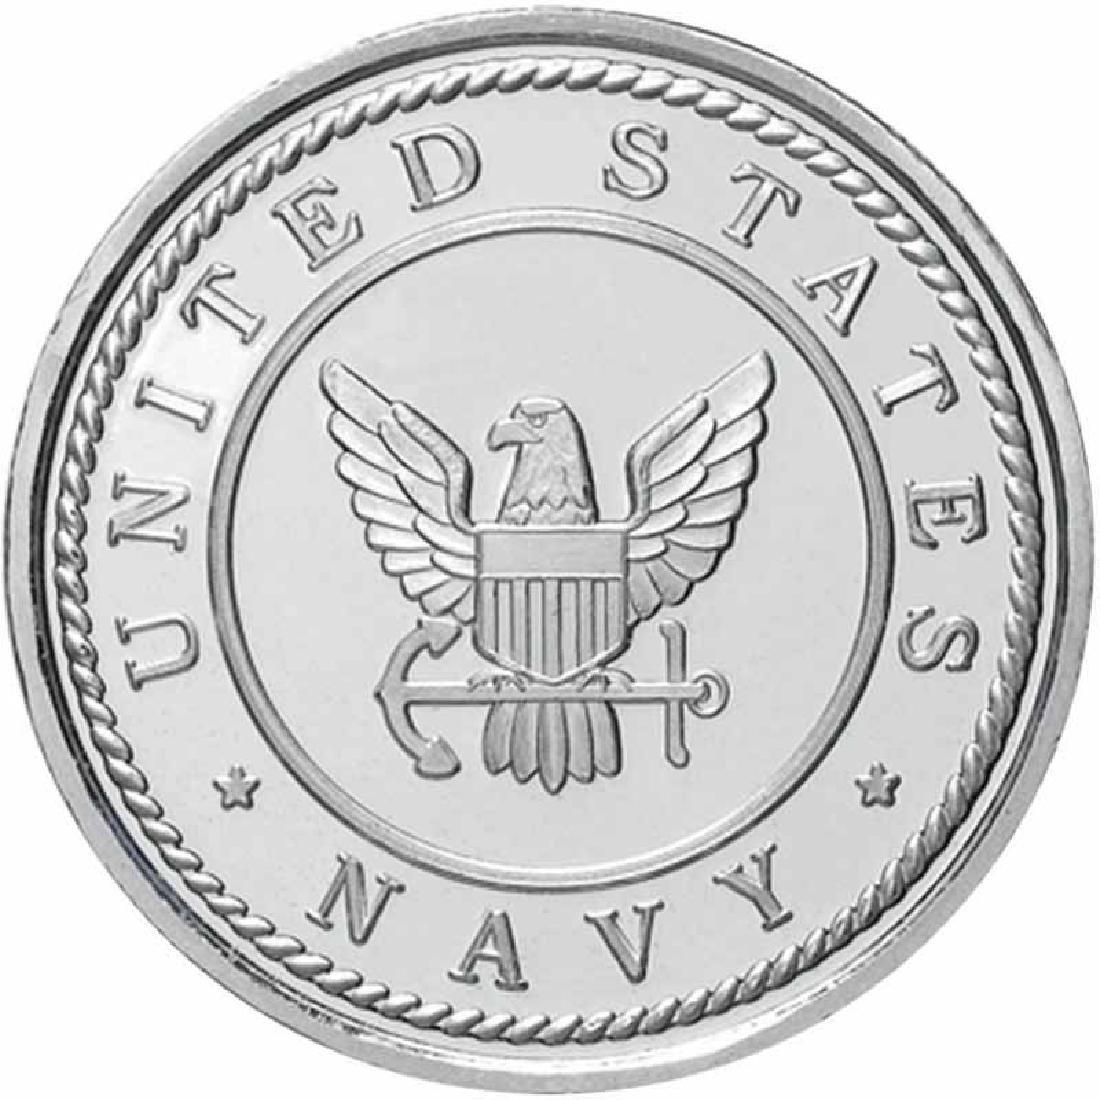 US Navy .999 Silver 1 oz Round